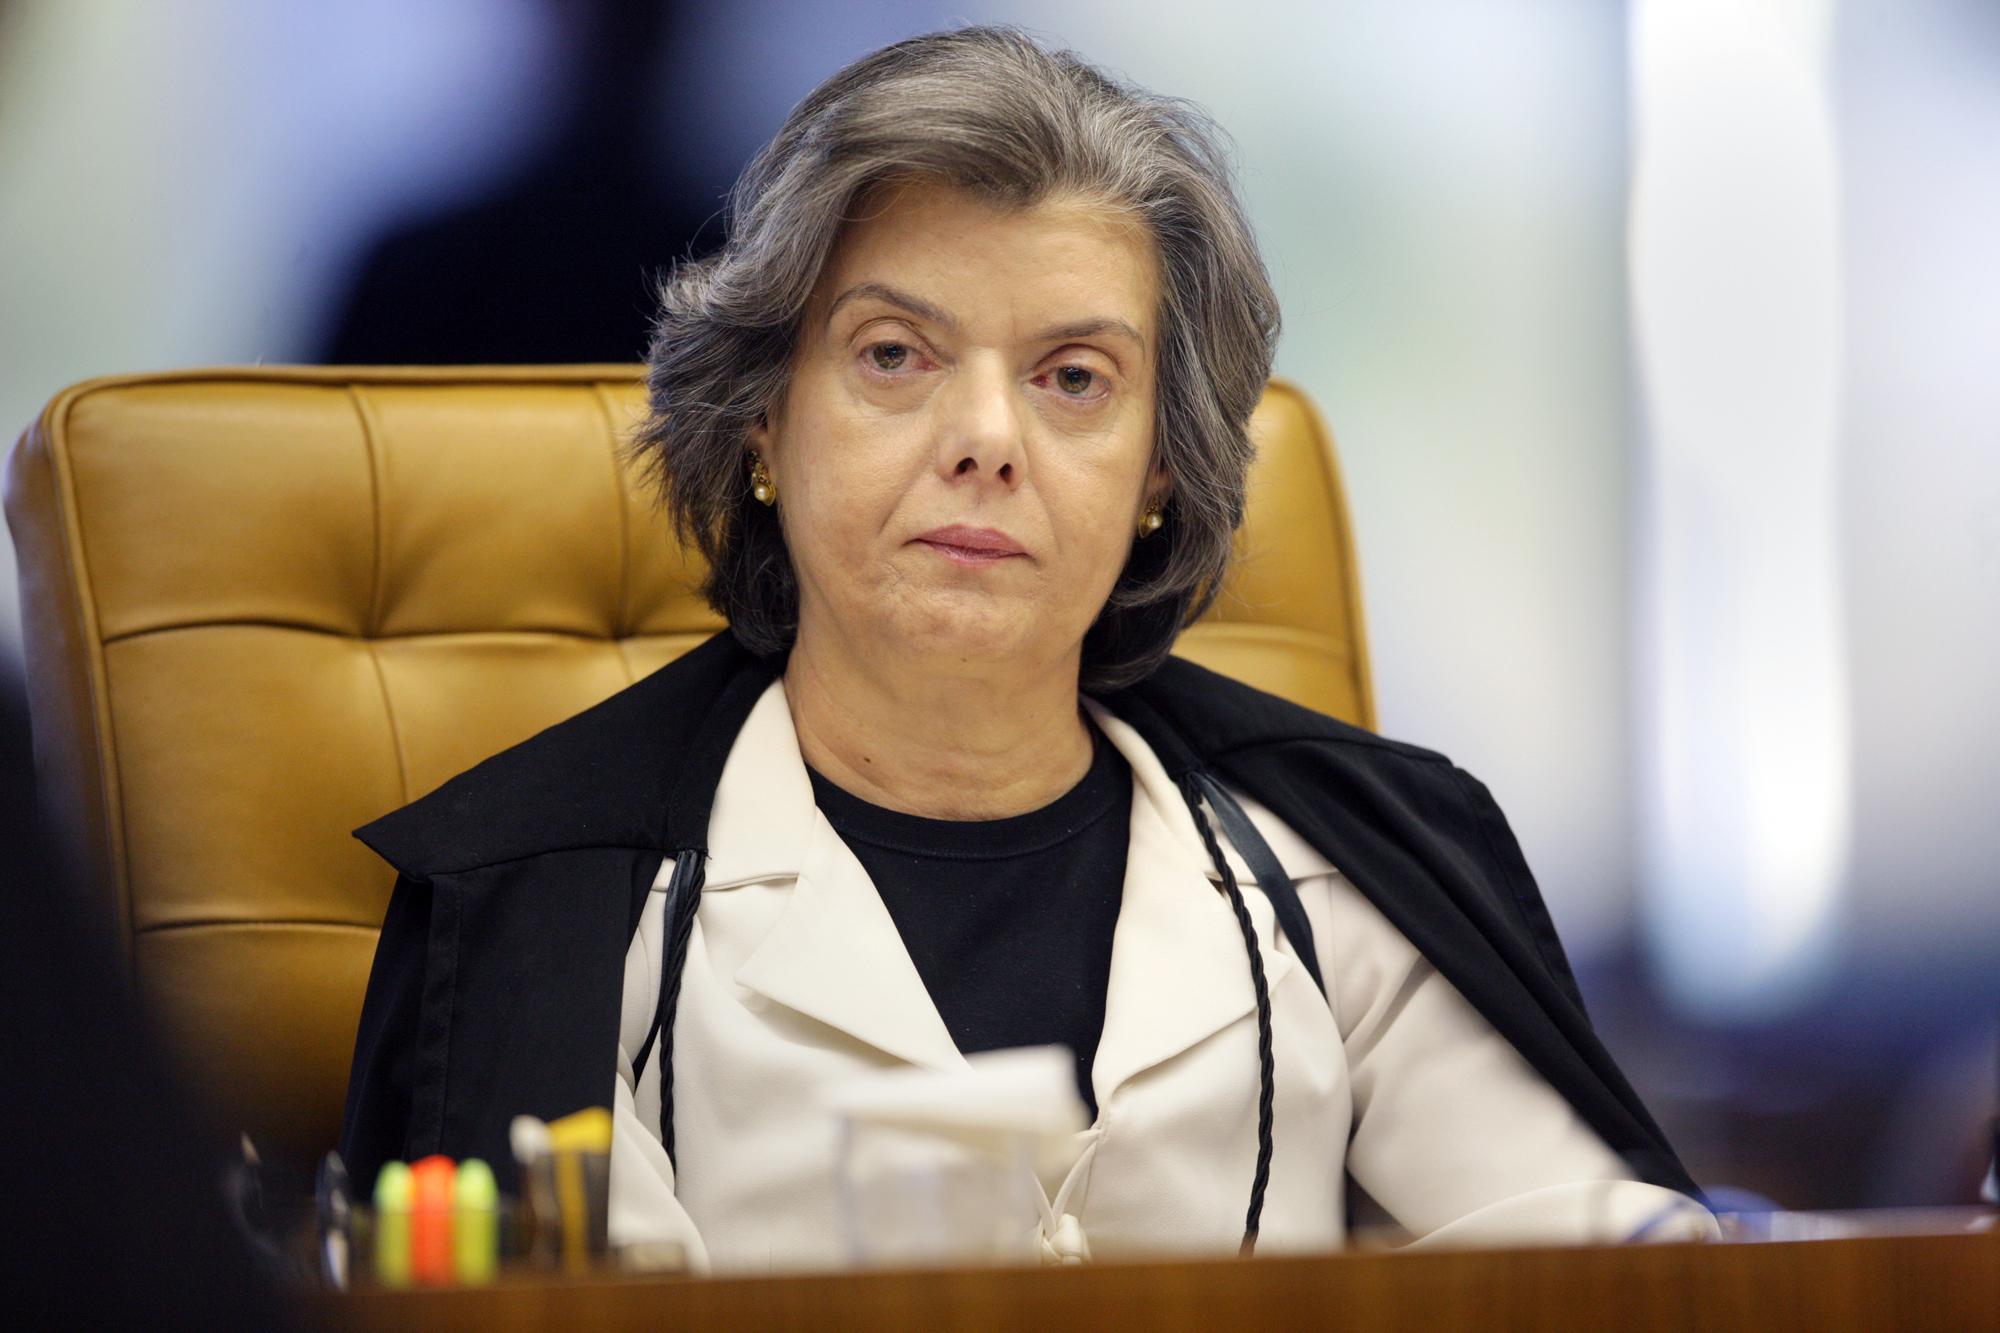 Ministra Cármen Lúcia homologou delações da Odebrecht